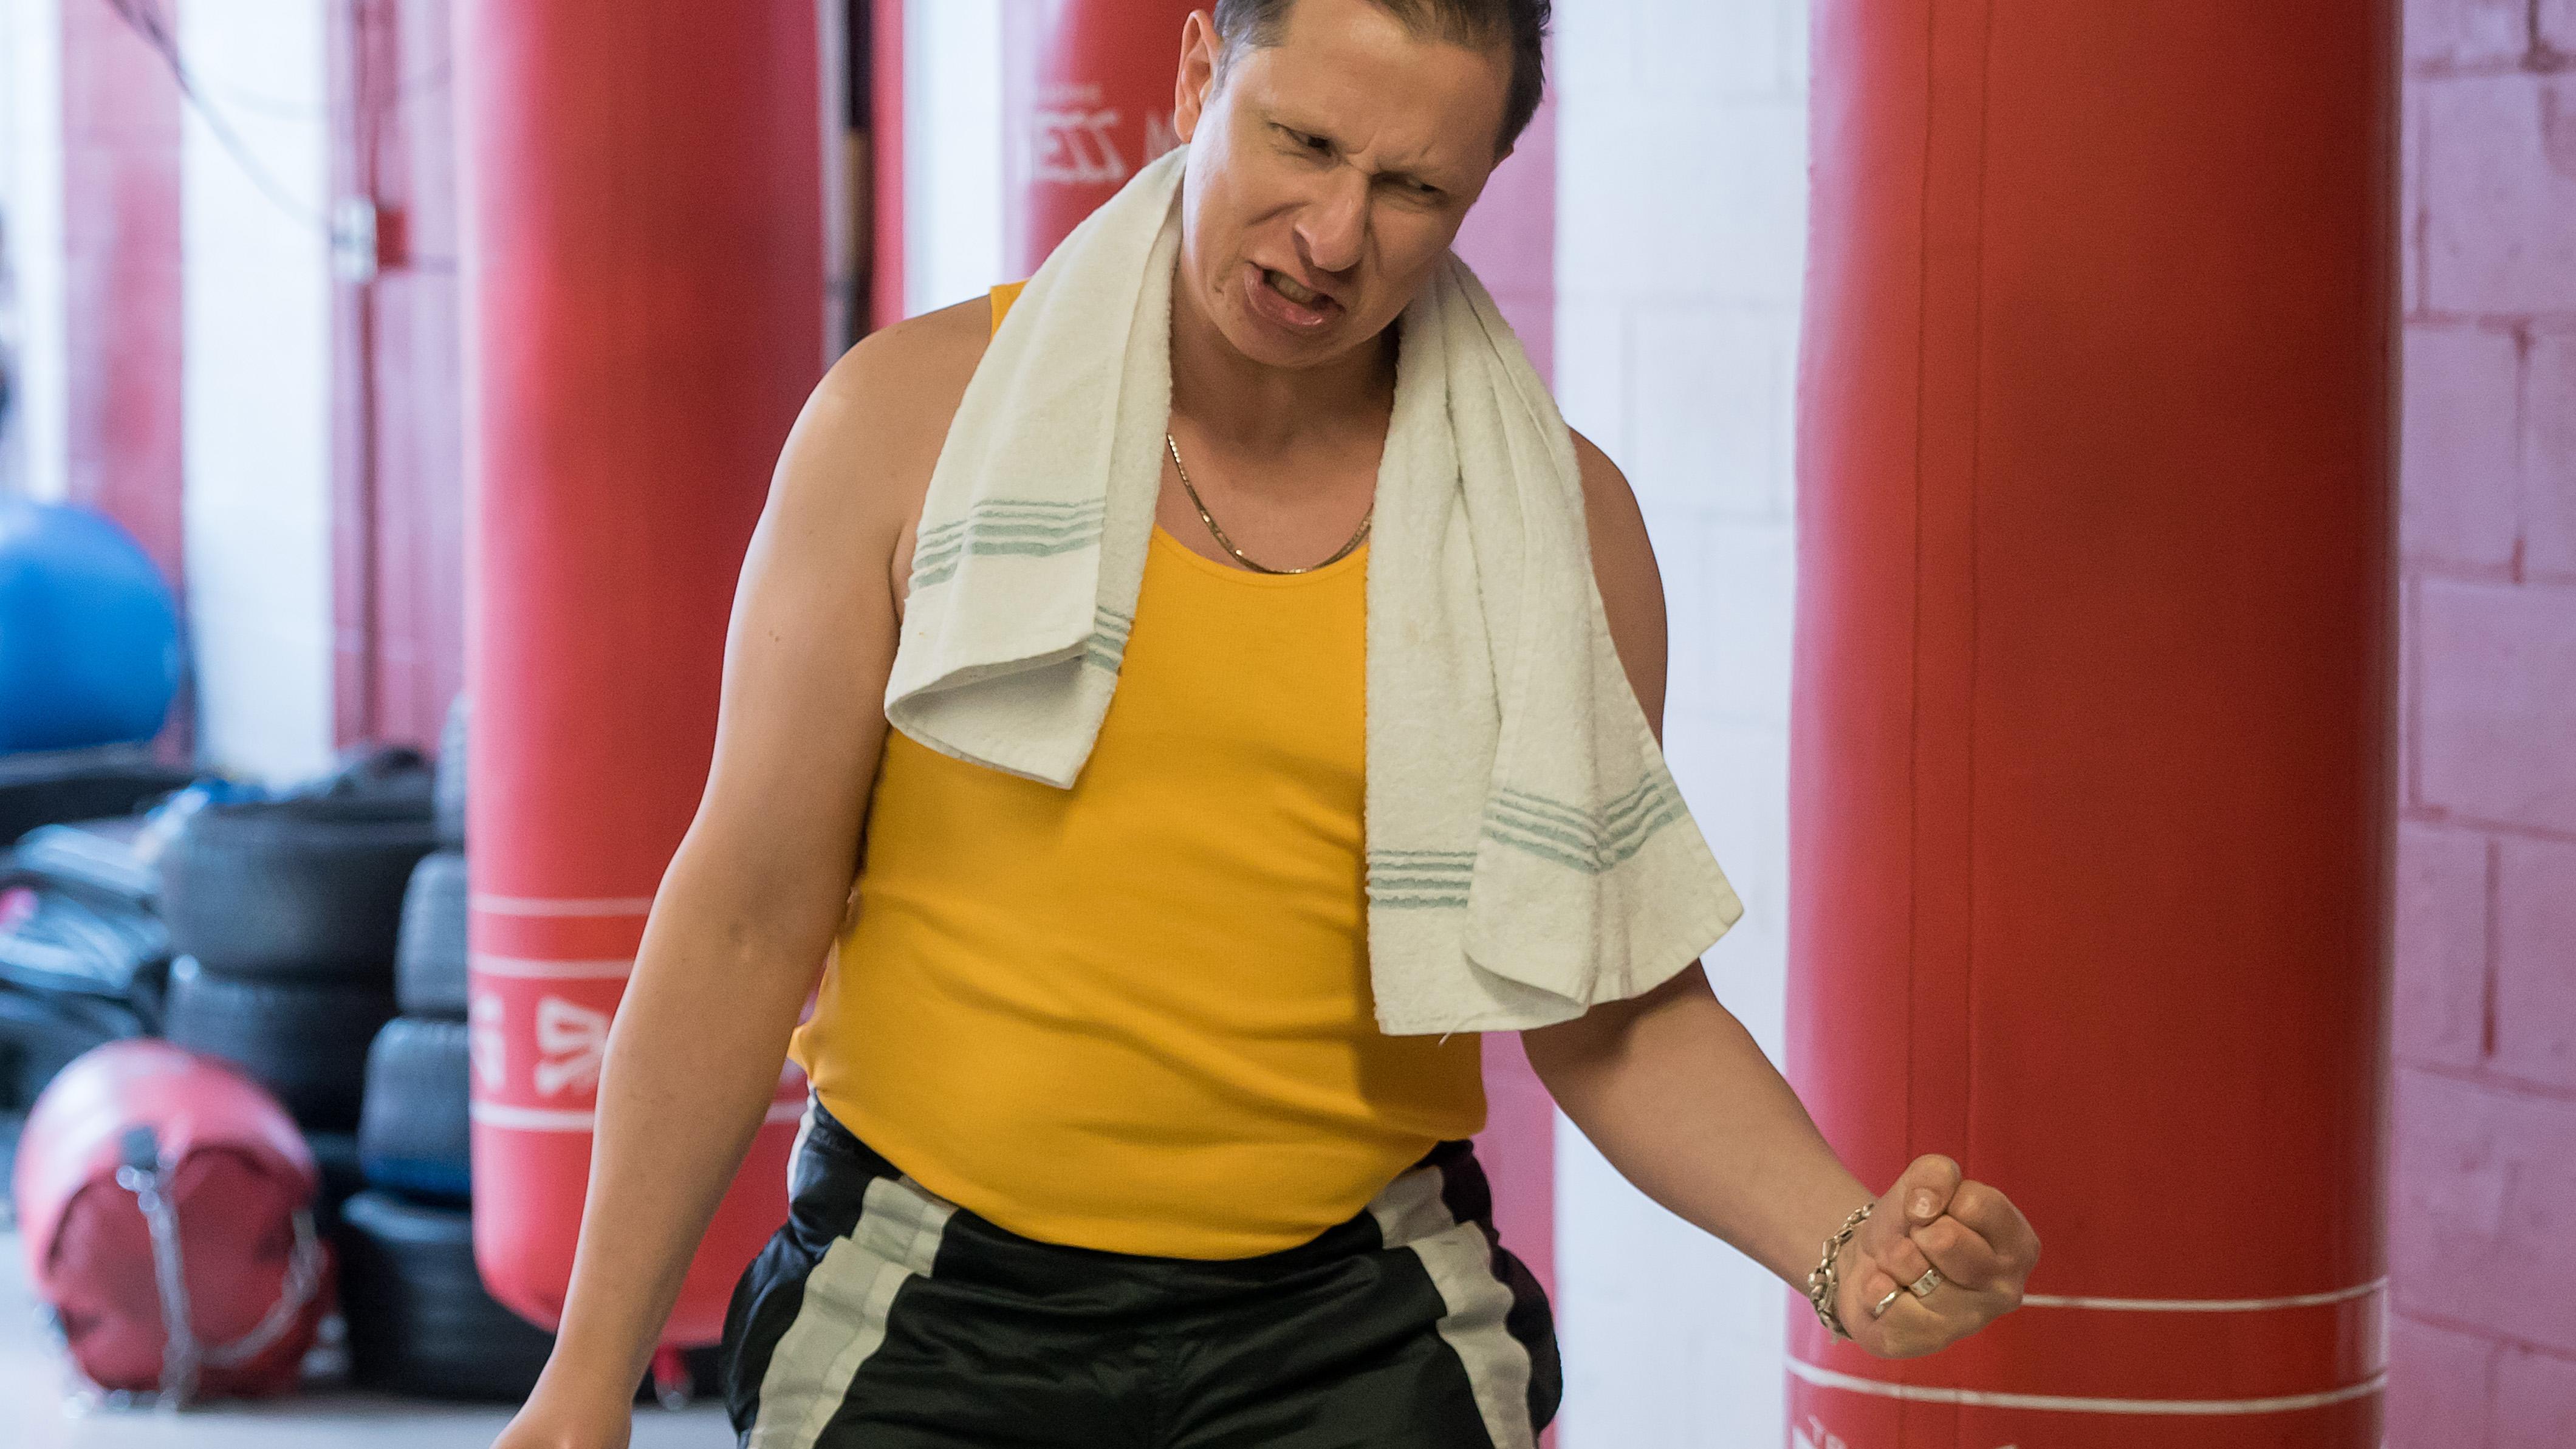 L'usine à biceps (2019)